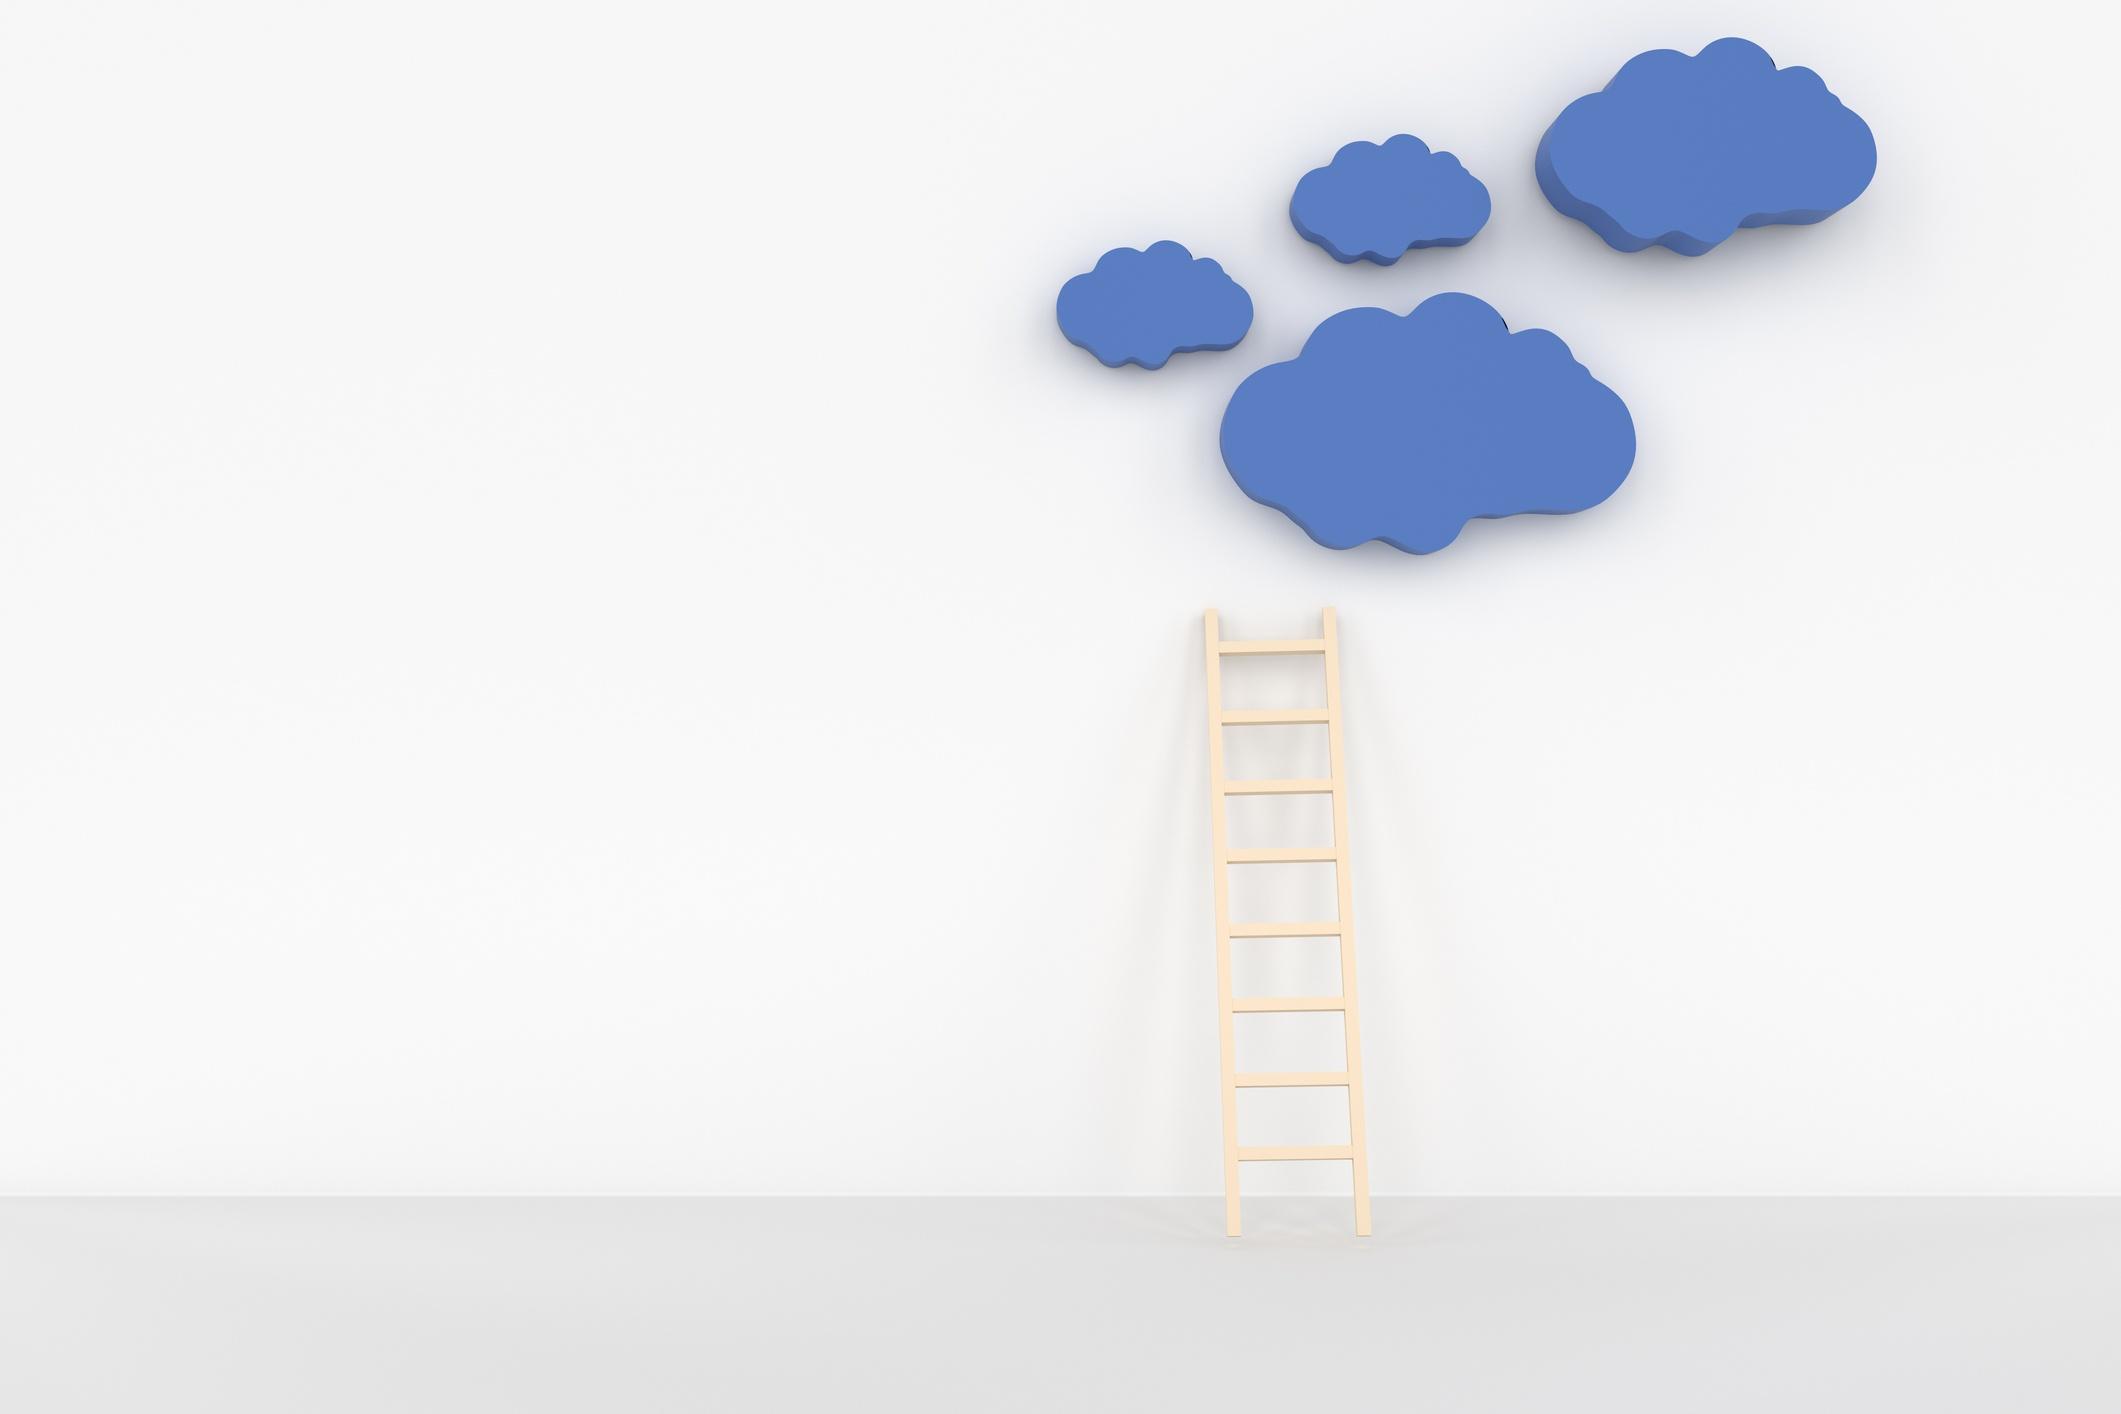 Desafíos de la nube y pasos para el diseño de servicios cloud óptimos